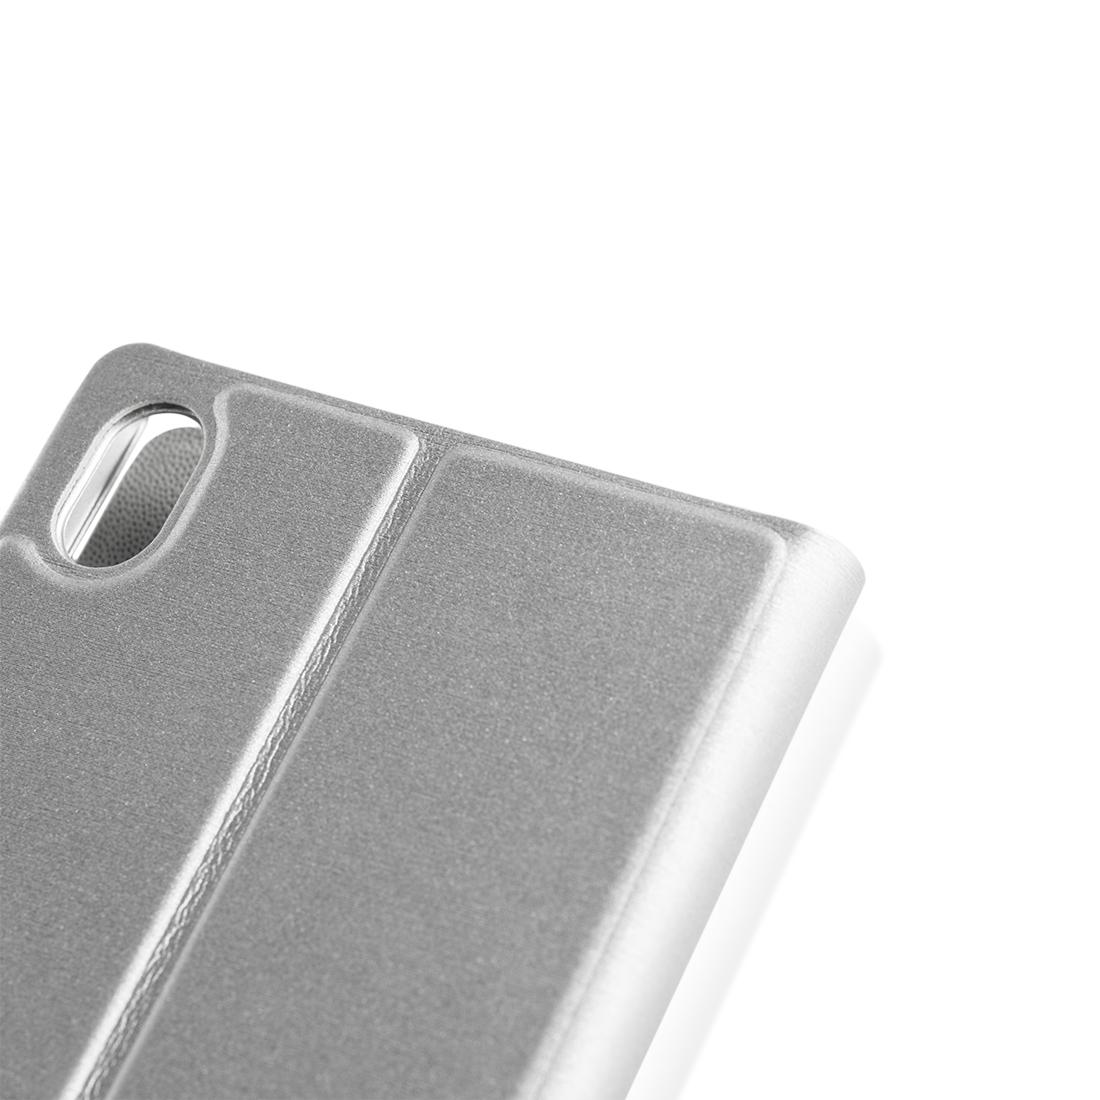 Чехол для Xperia Z3+ серебристый купить в Sony Centre Воронеж